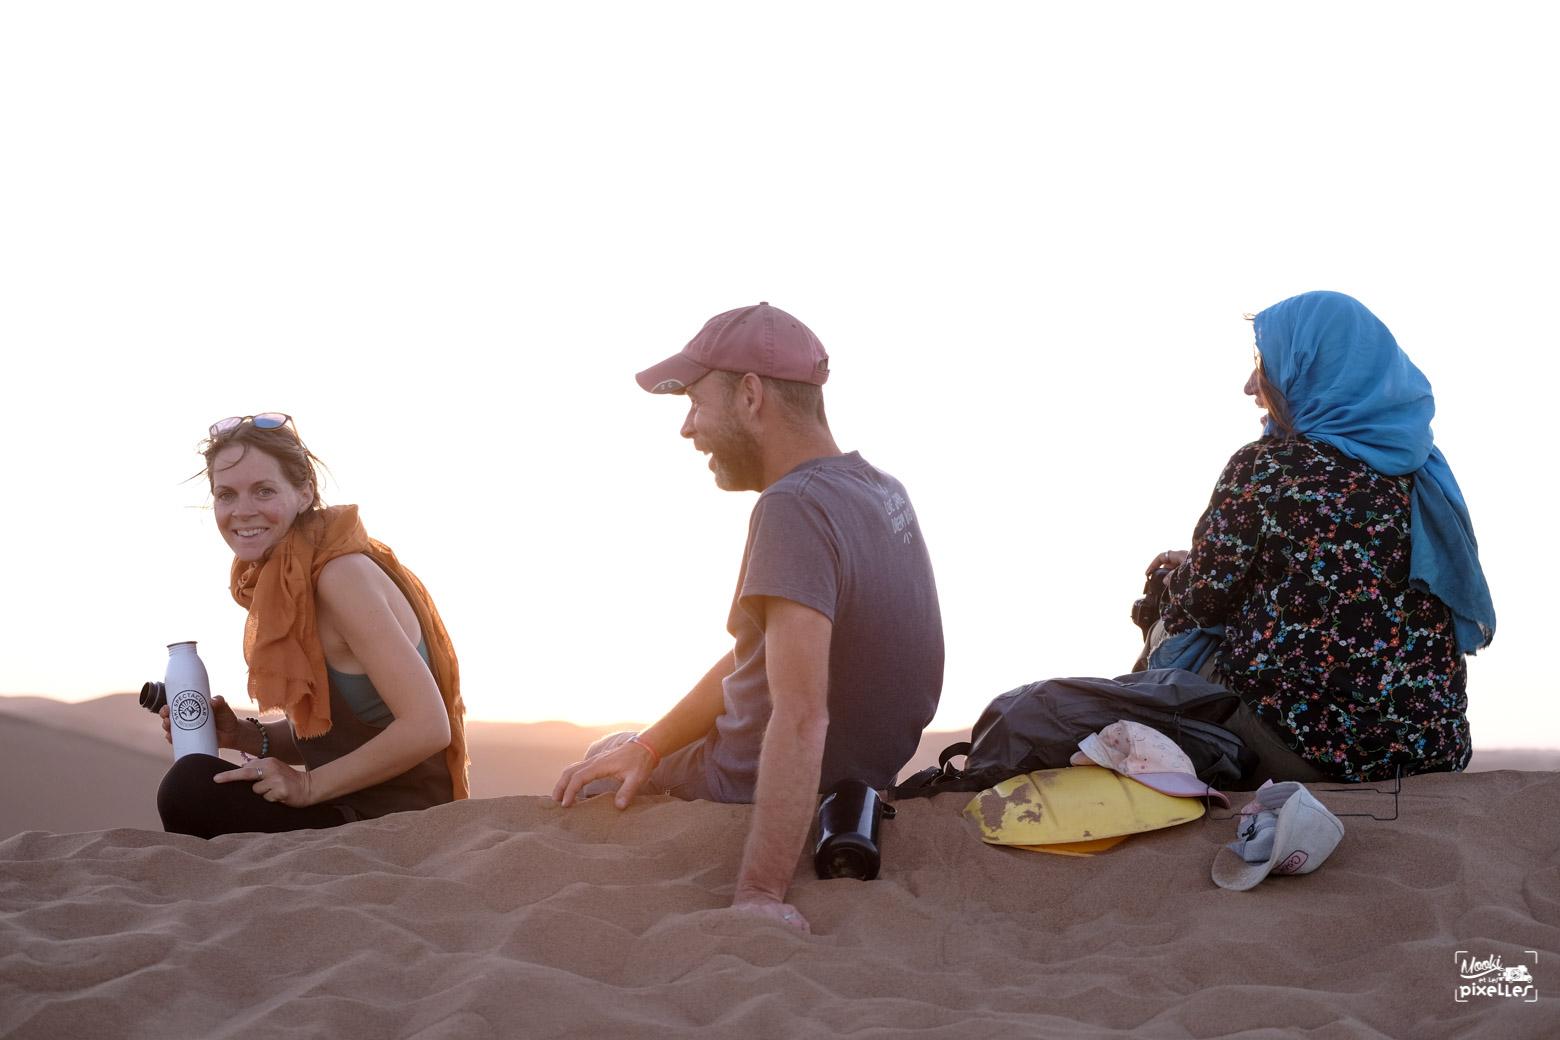 Les amis au milieu du désert